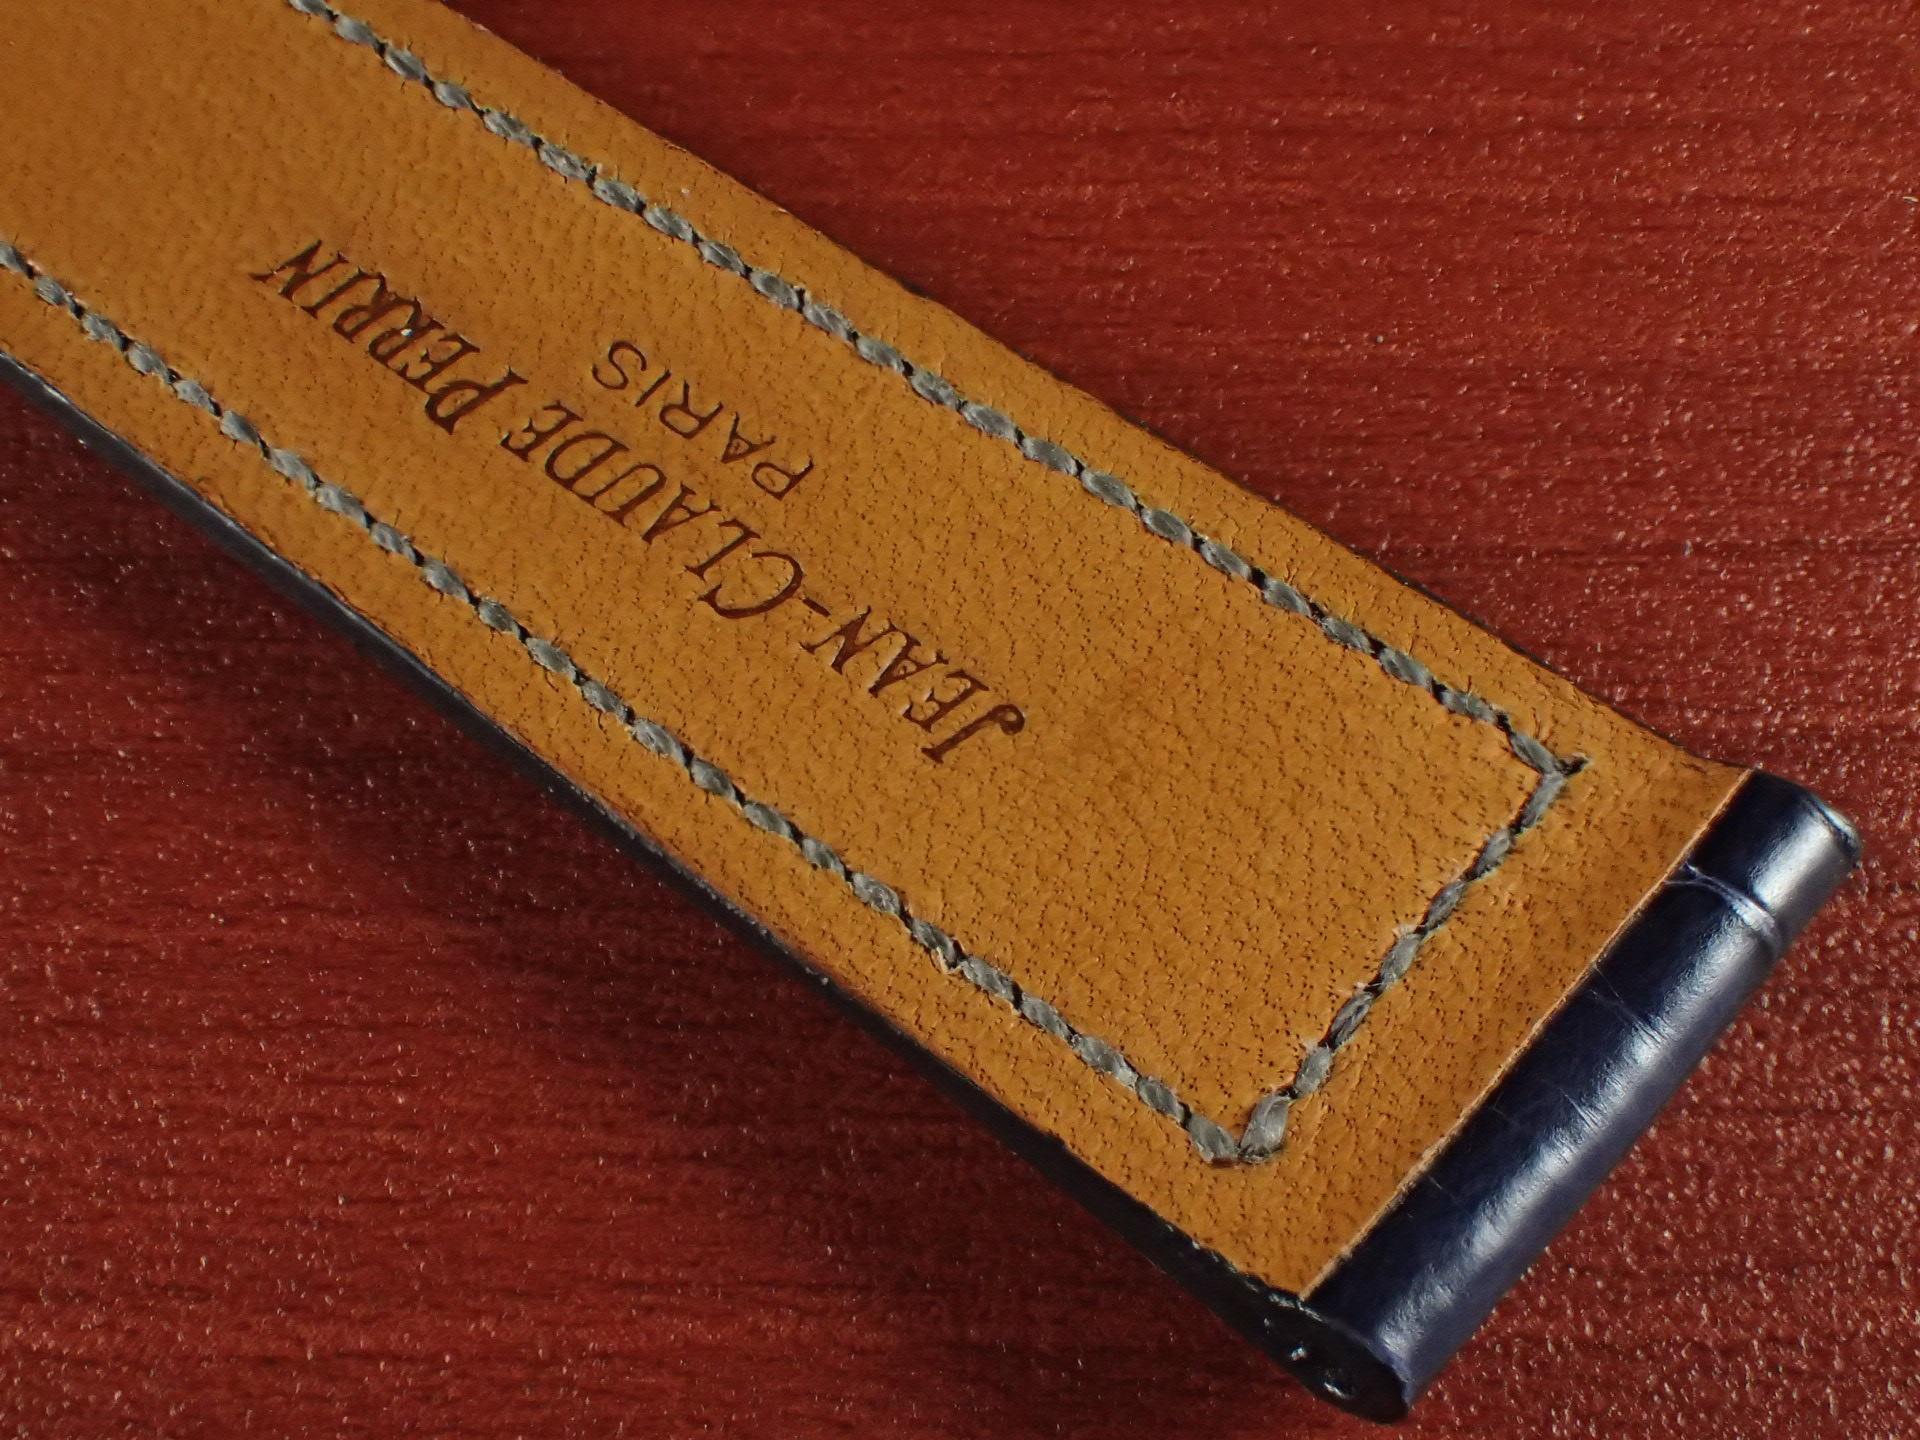 ジャン・クロード ペラン革ベルト クロコダイル ネイビー(シャイニー)18mmの写真6枚目